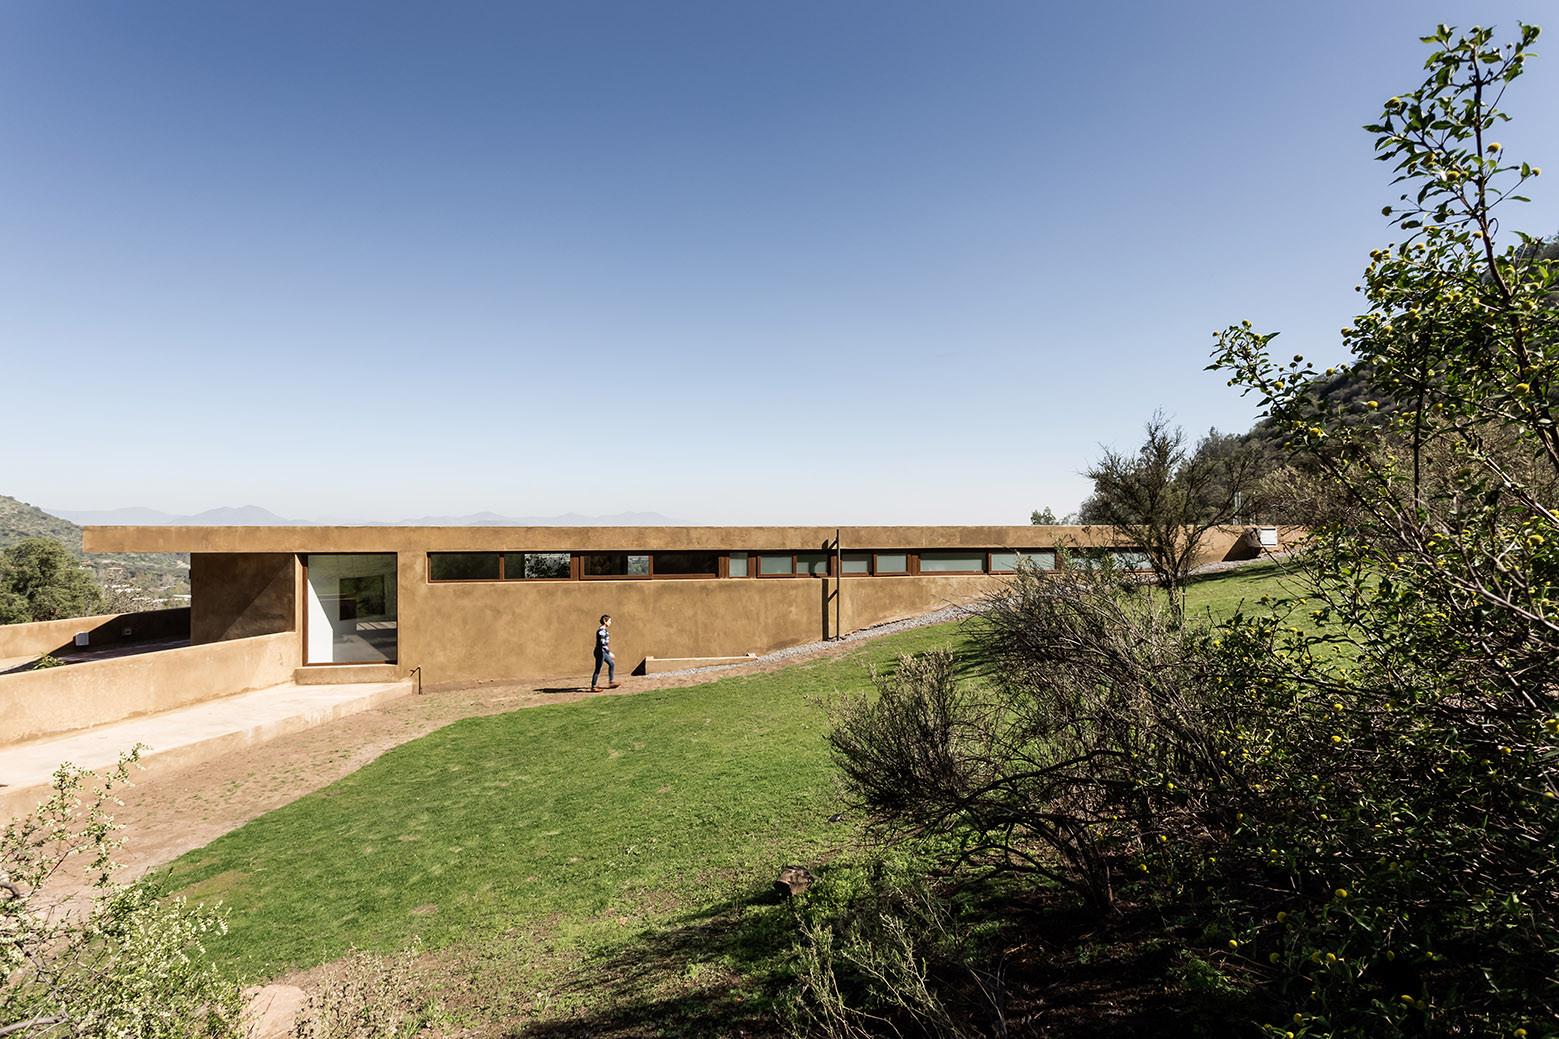 Casa Los Morros / Chauriye Stäger Arquitectos , © Midas / Pablo Blanco